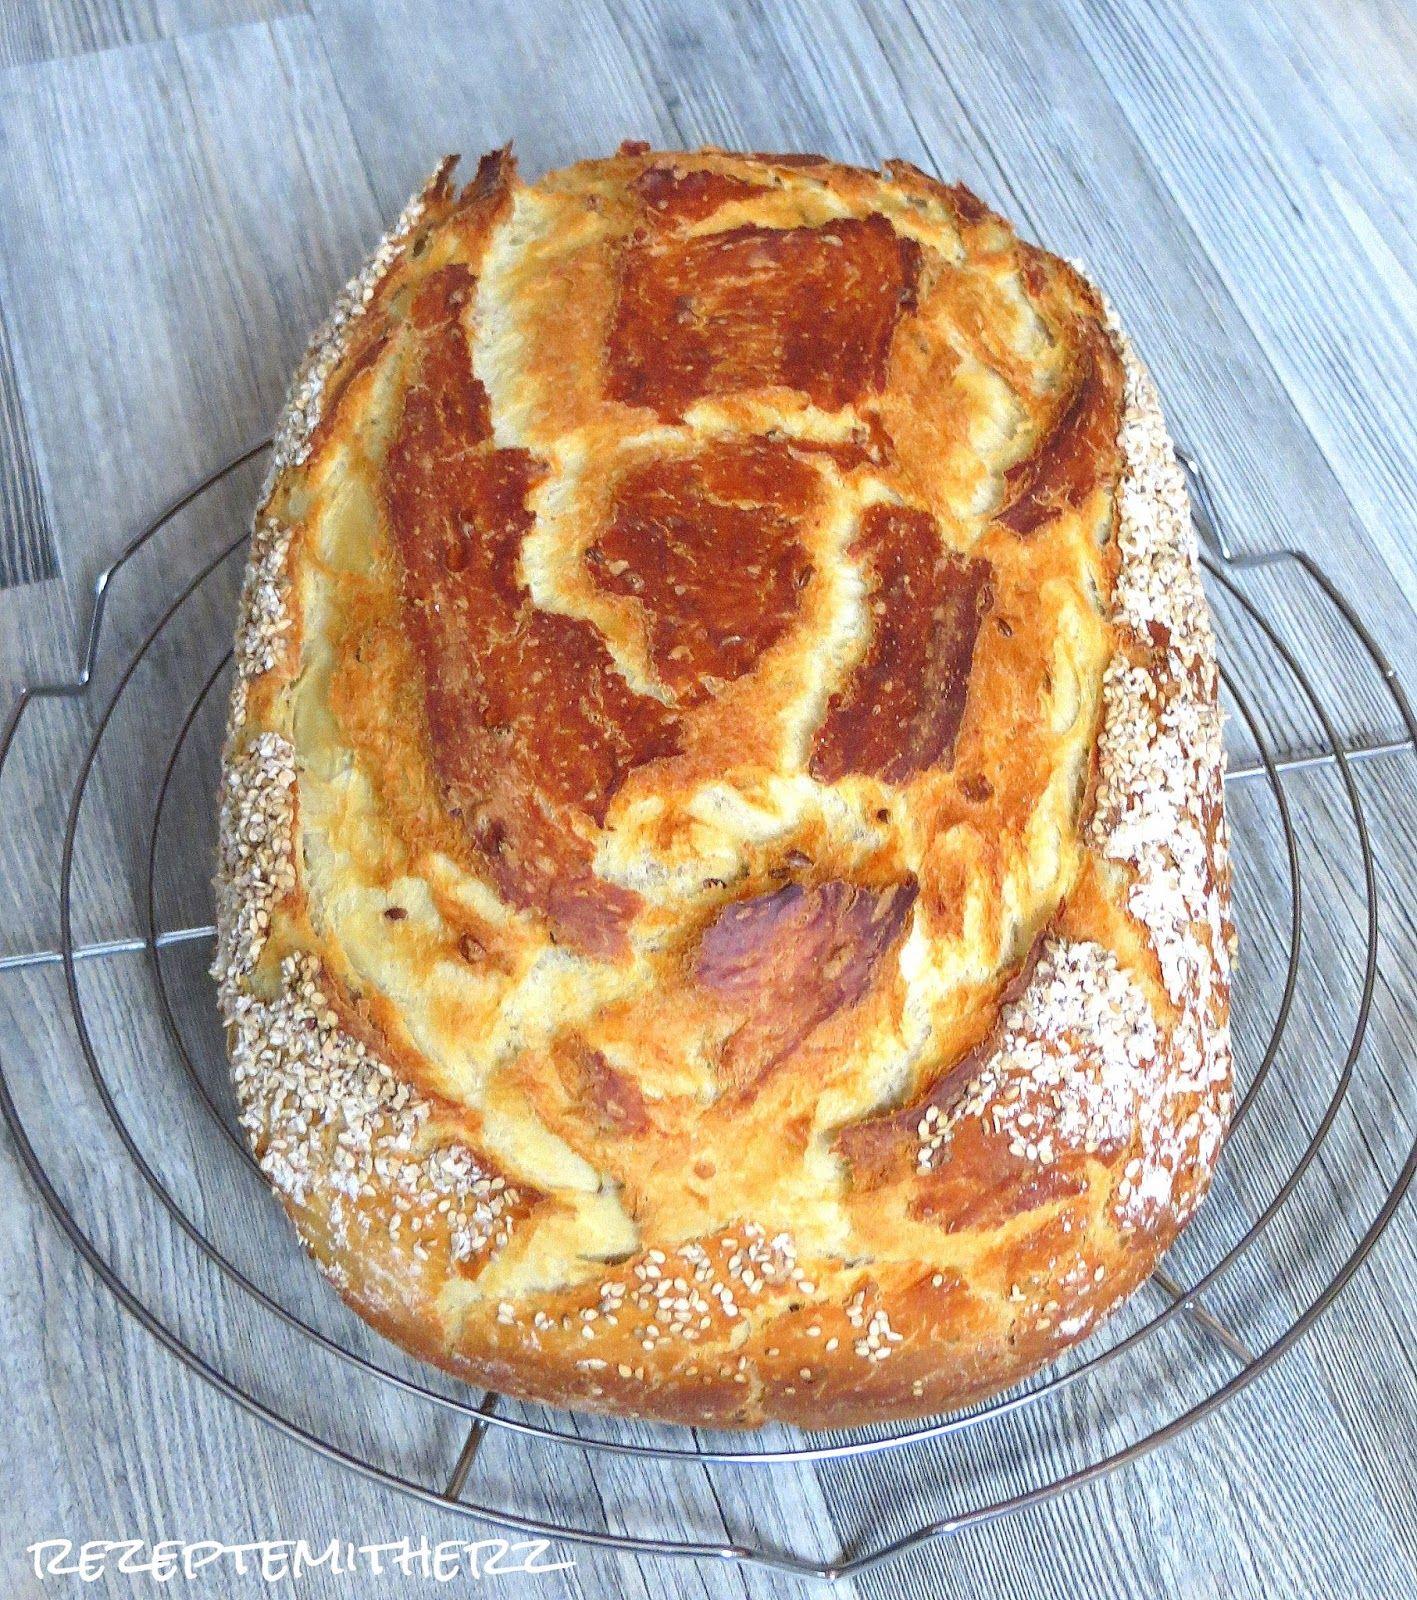 Brot backen kann relativ einfach sein. Hier habe ich ein lockeres